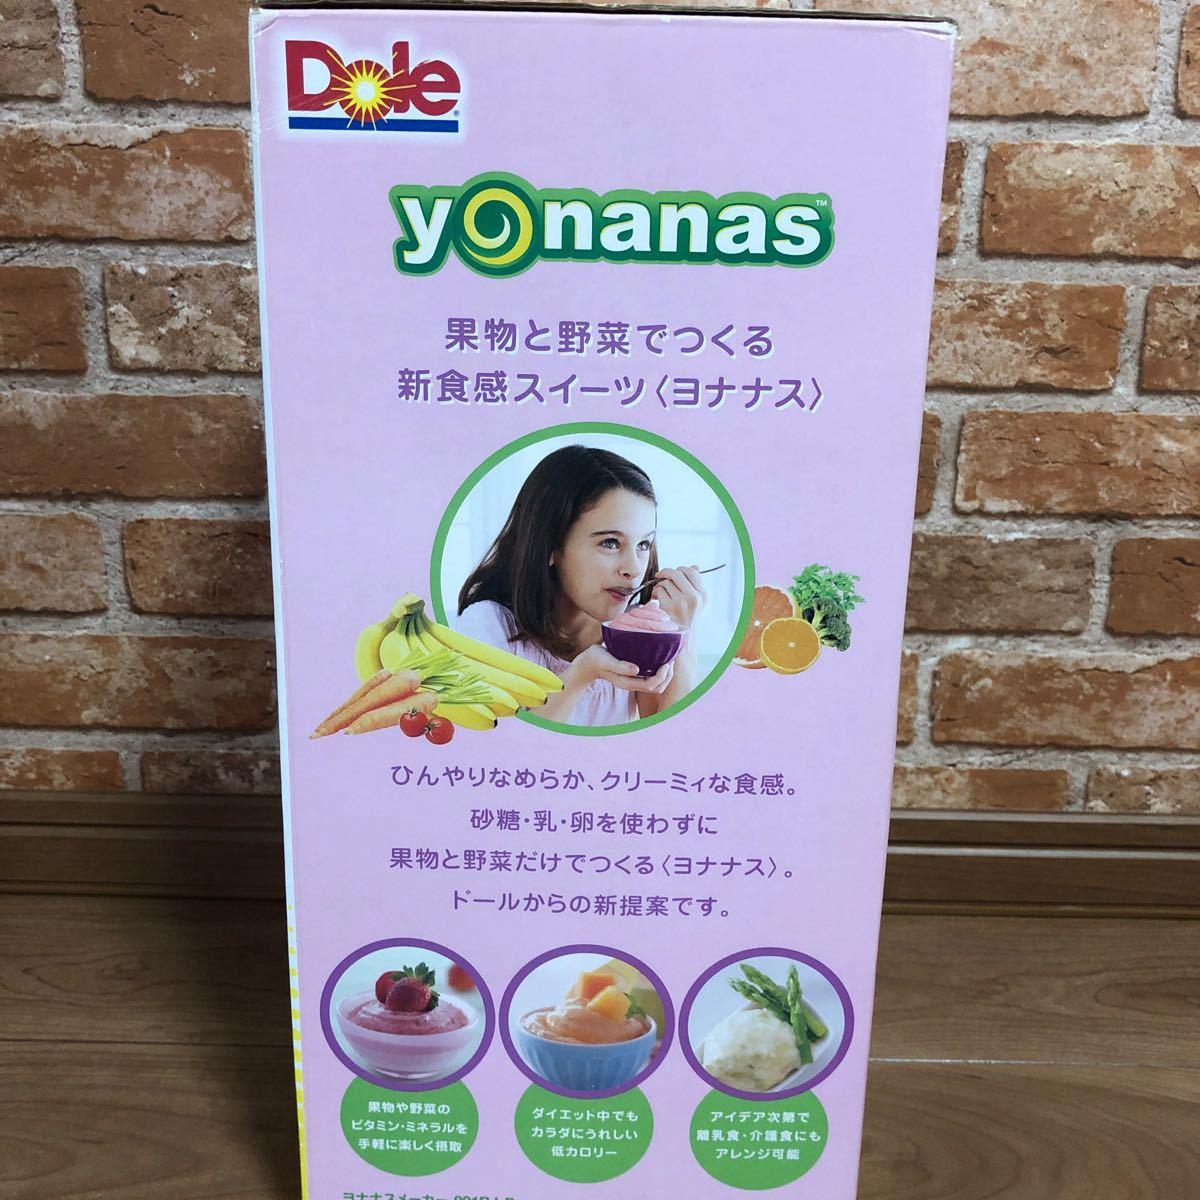 新品未使用 Dole yonanasヨナナス